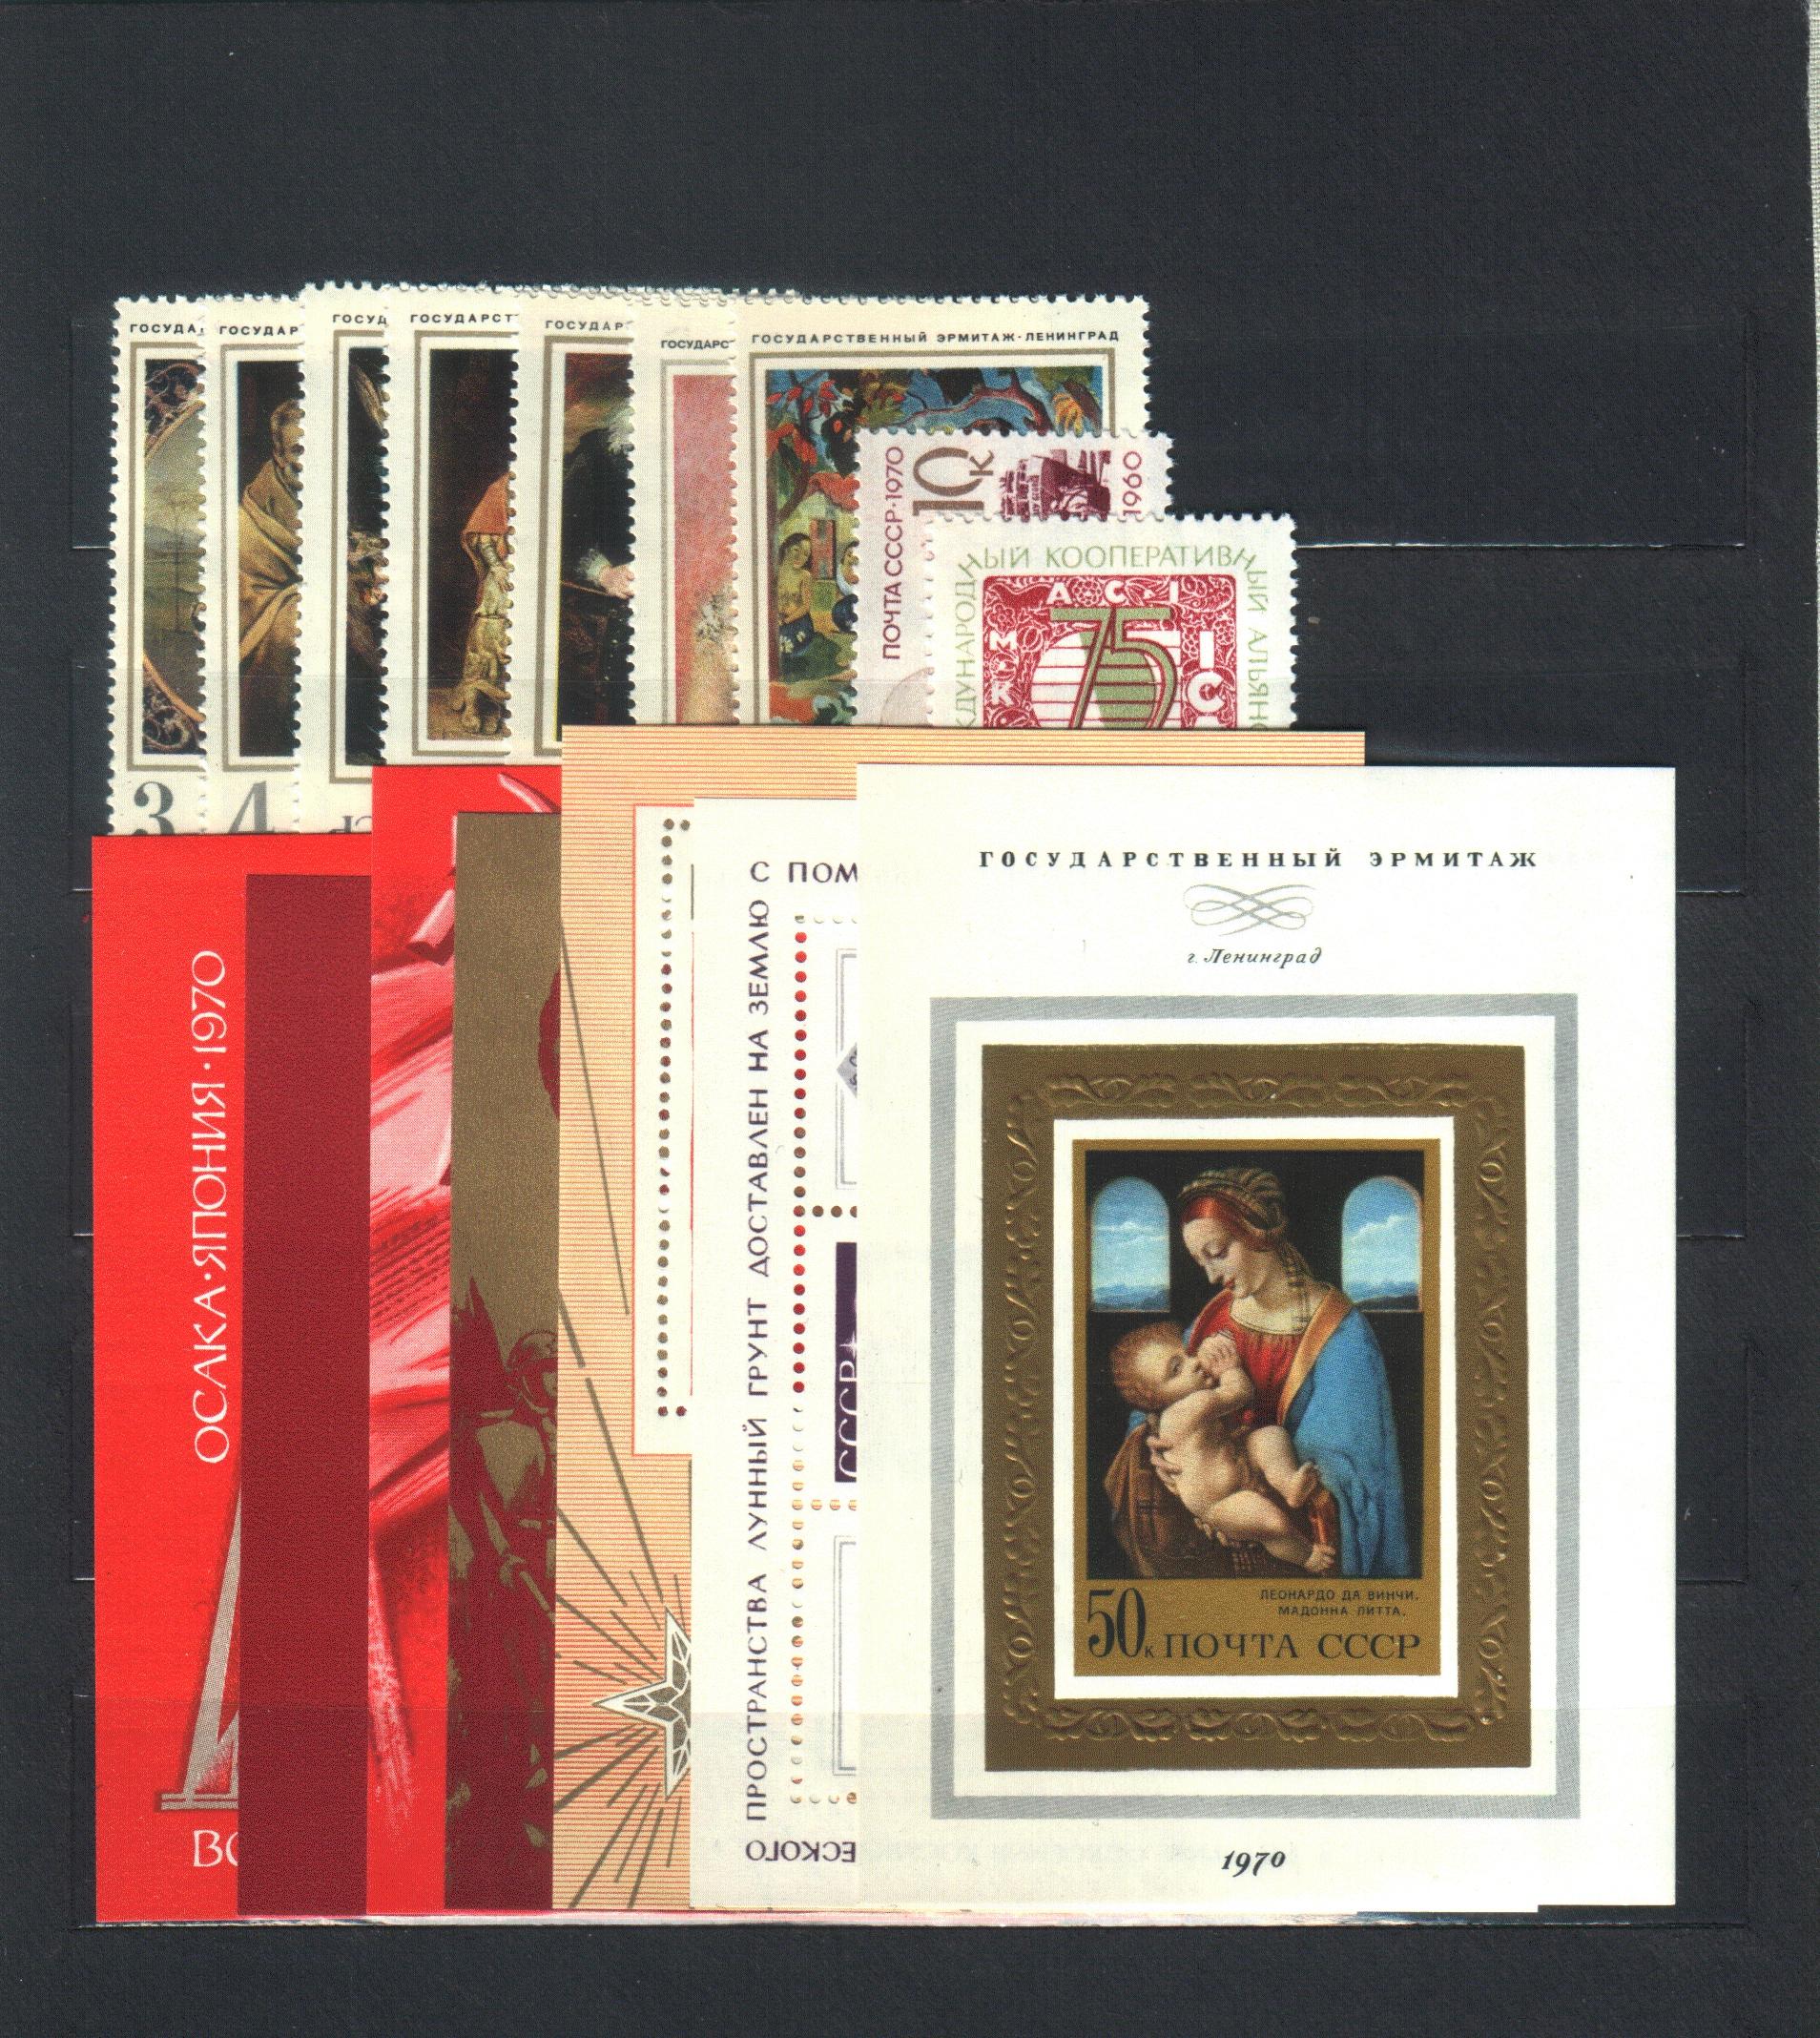 Годовой набор почтовых марок СССР 1970 год, 117 почтовых марок, 7 почтовых блоков